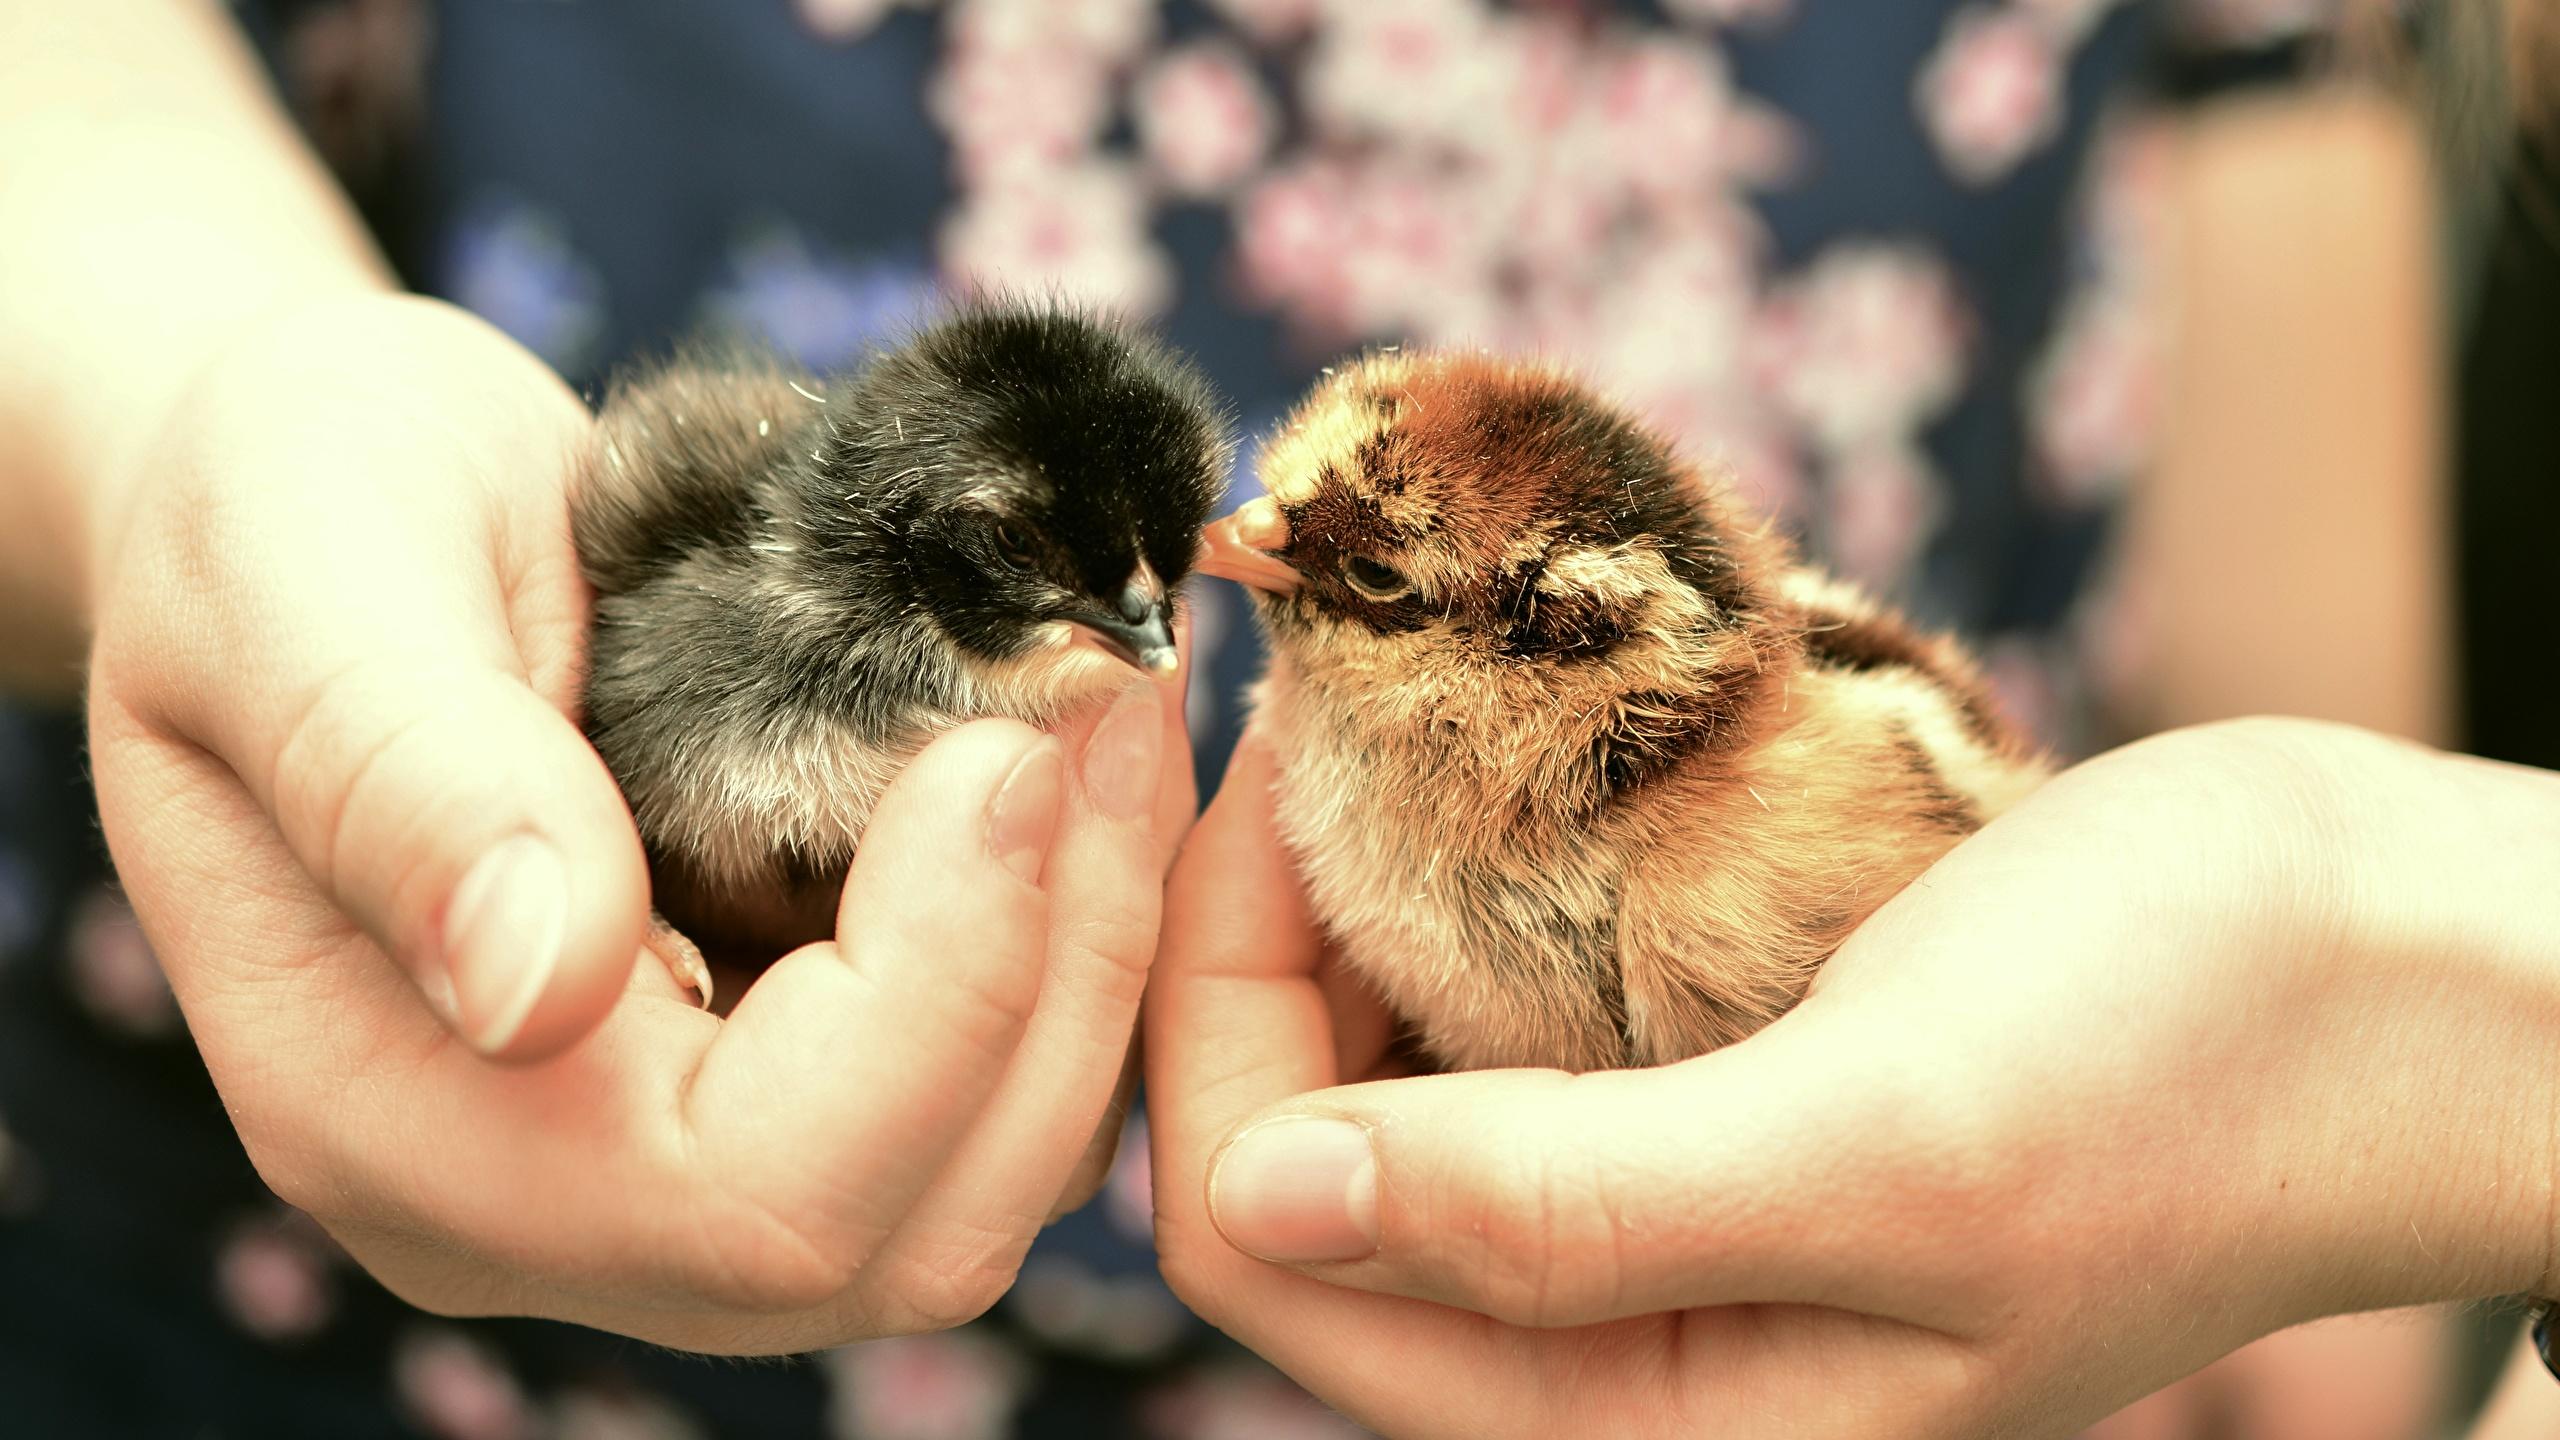 Bilder Hühner Hand Finger Tiere Großansicht 2560x1440